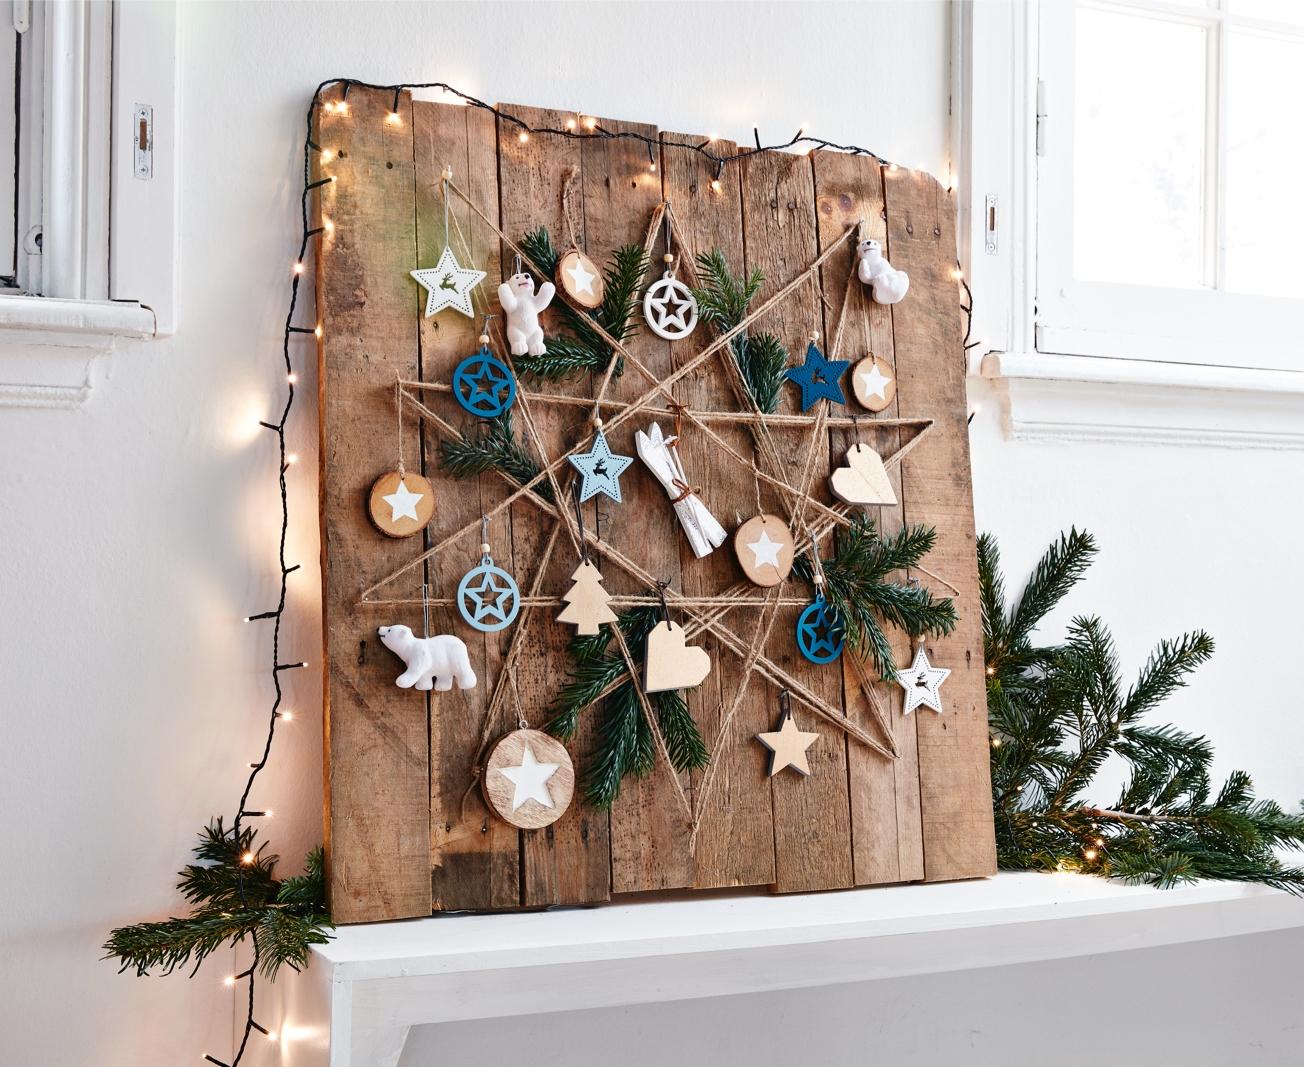 Magnifiek Kerstdecoratie maken   voordemakers.nl @OV93